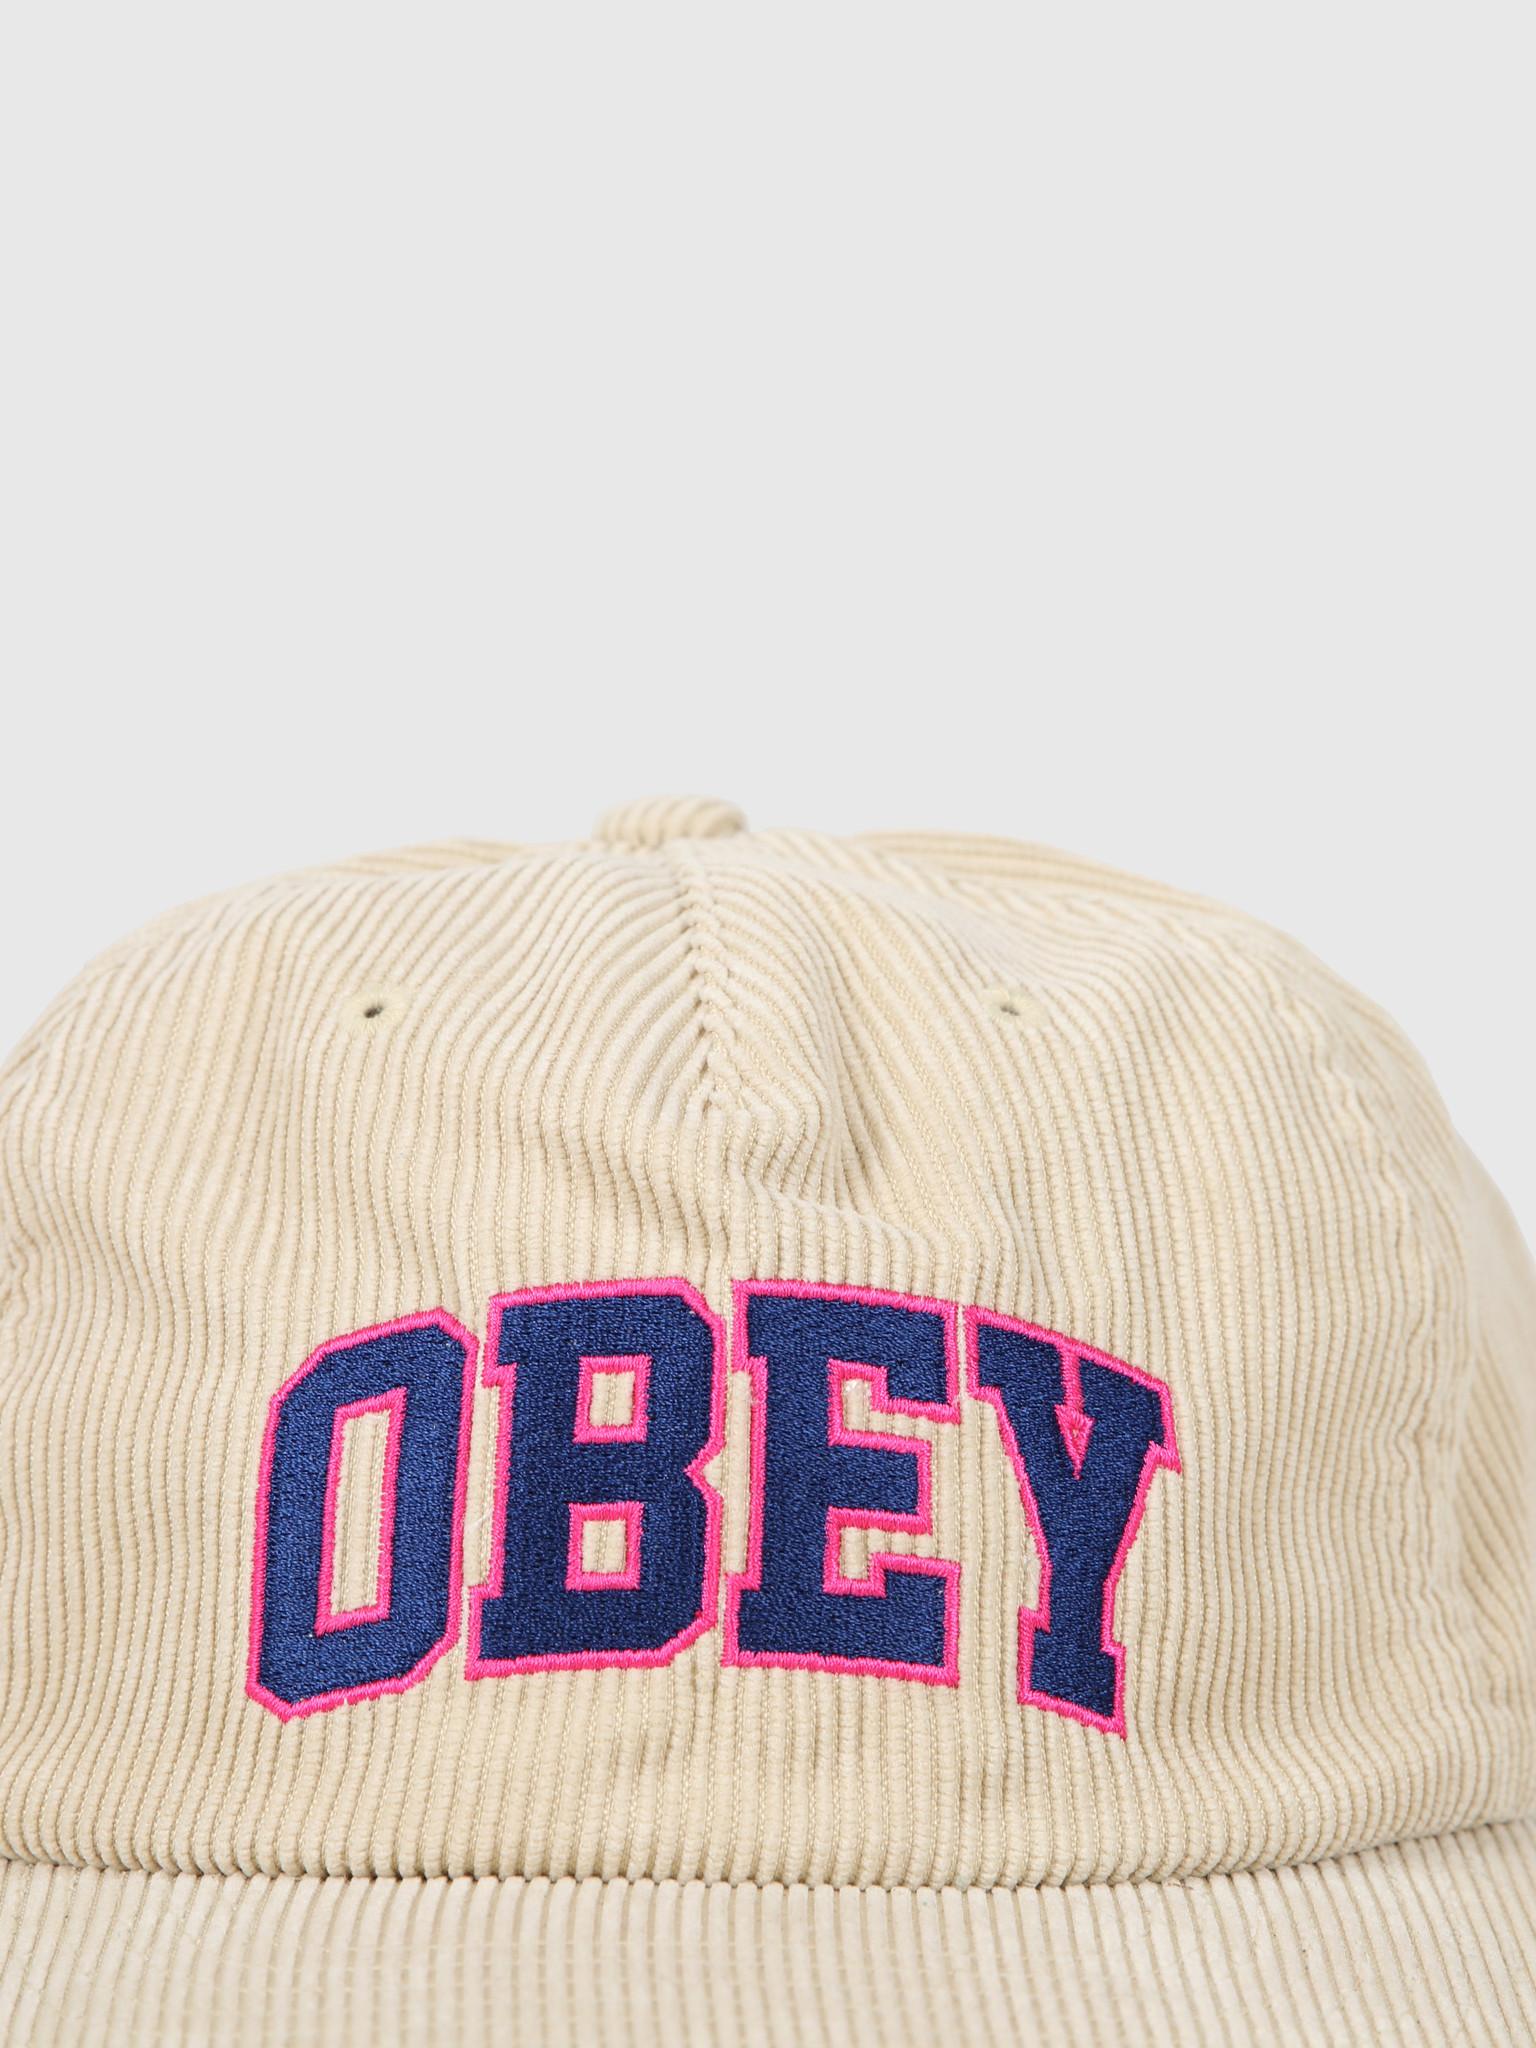 Obey Obey Higher Strapback Khaki 100570106Kha